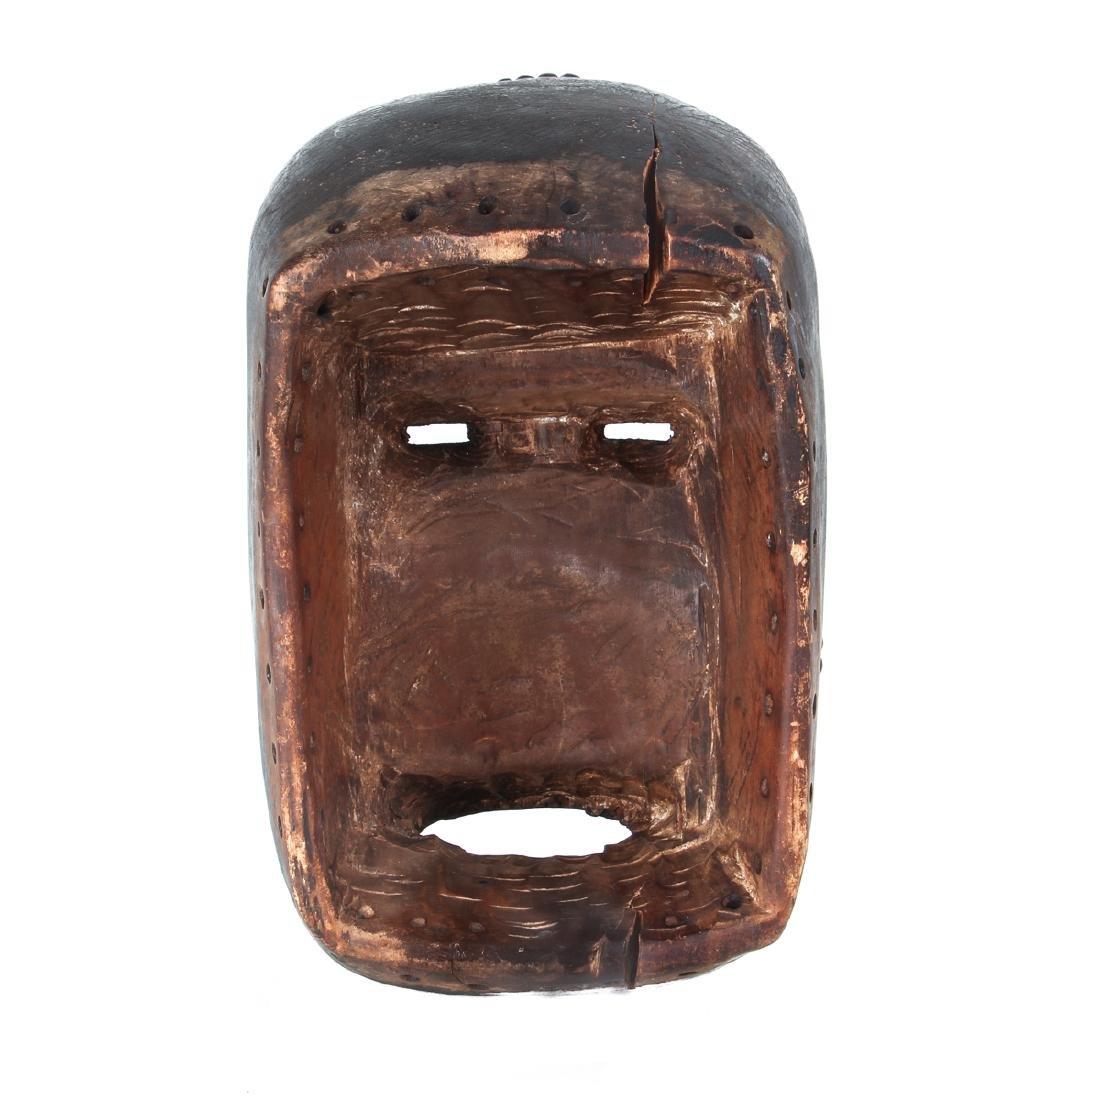 Bete Peoples Wood Mask - 4